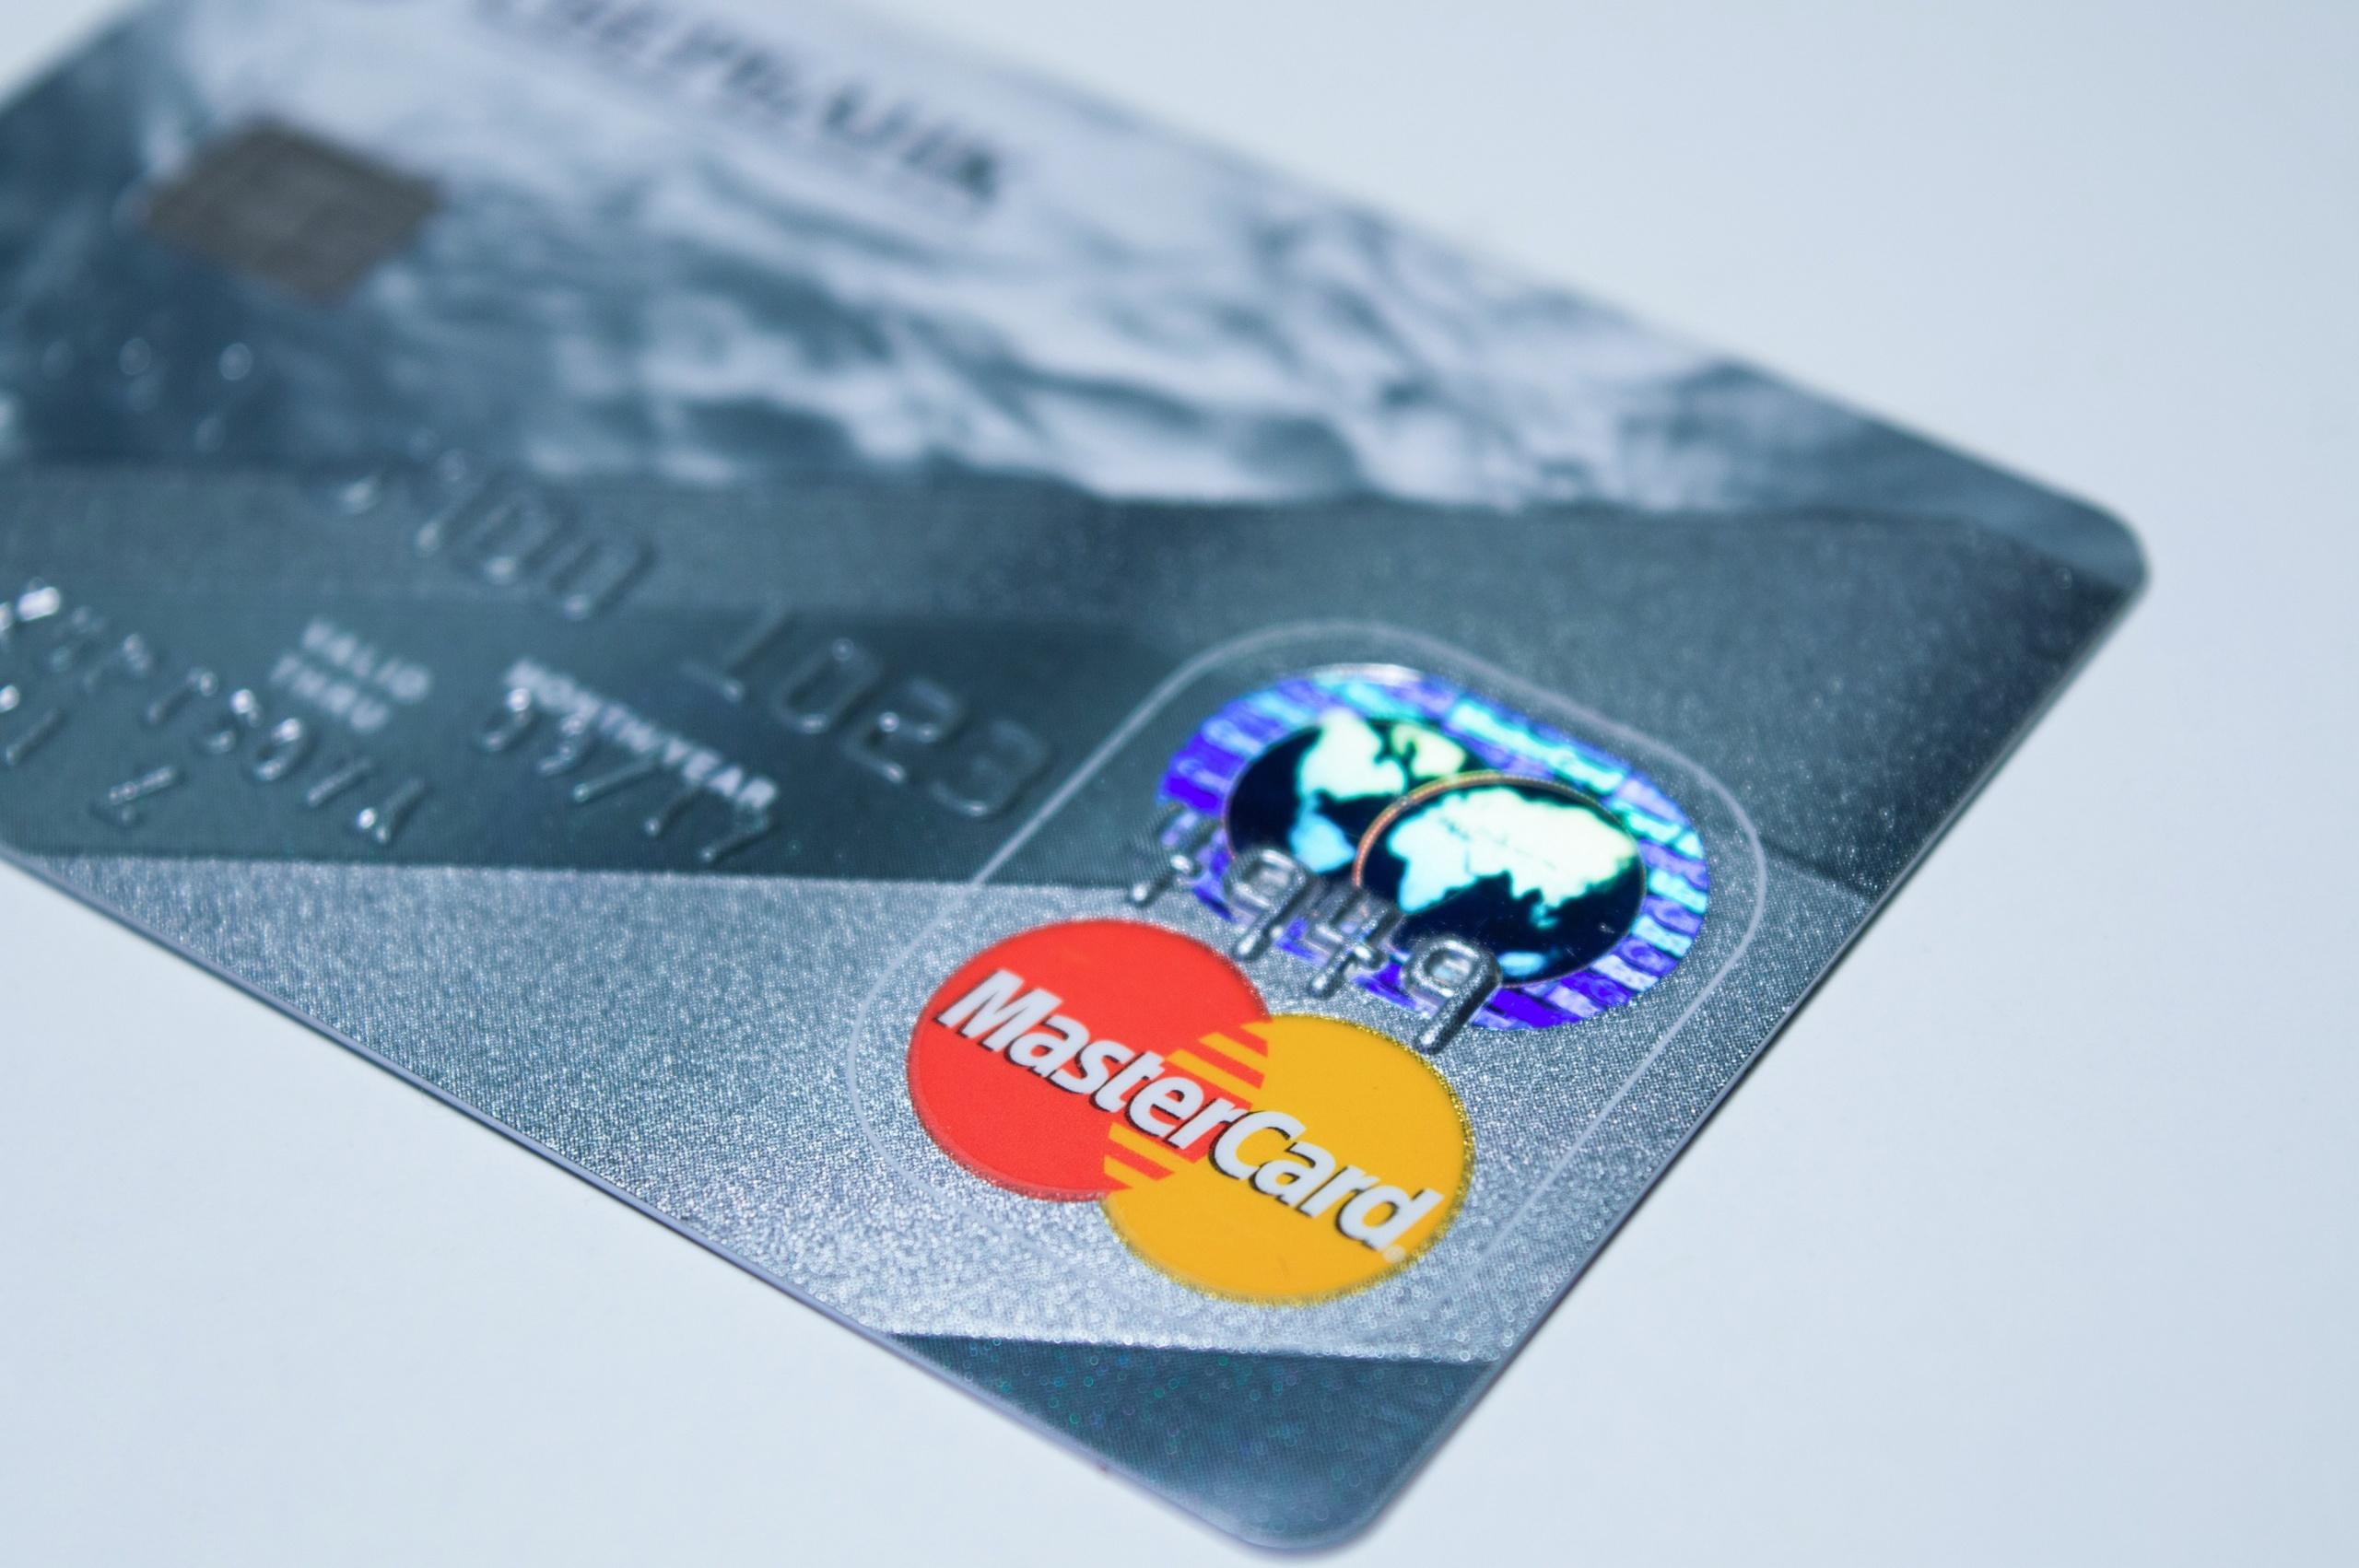 Tarjeta Mastercard criptomonedas